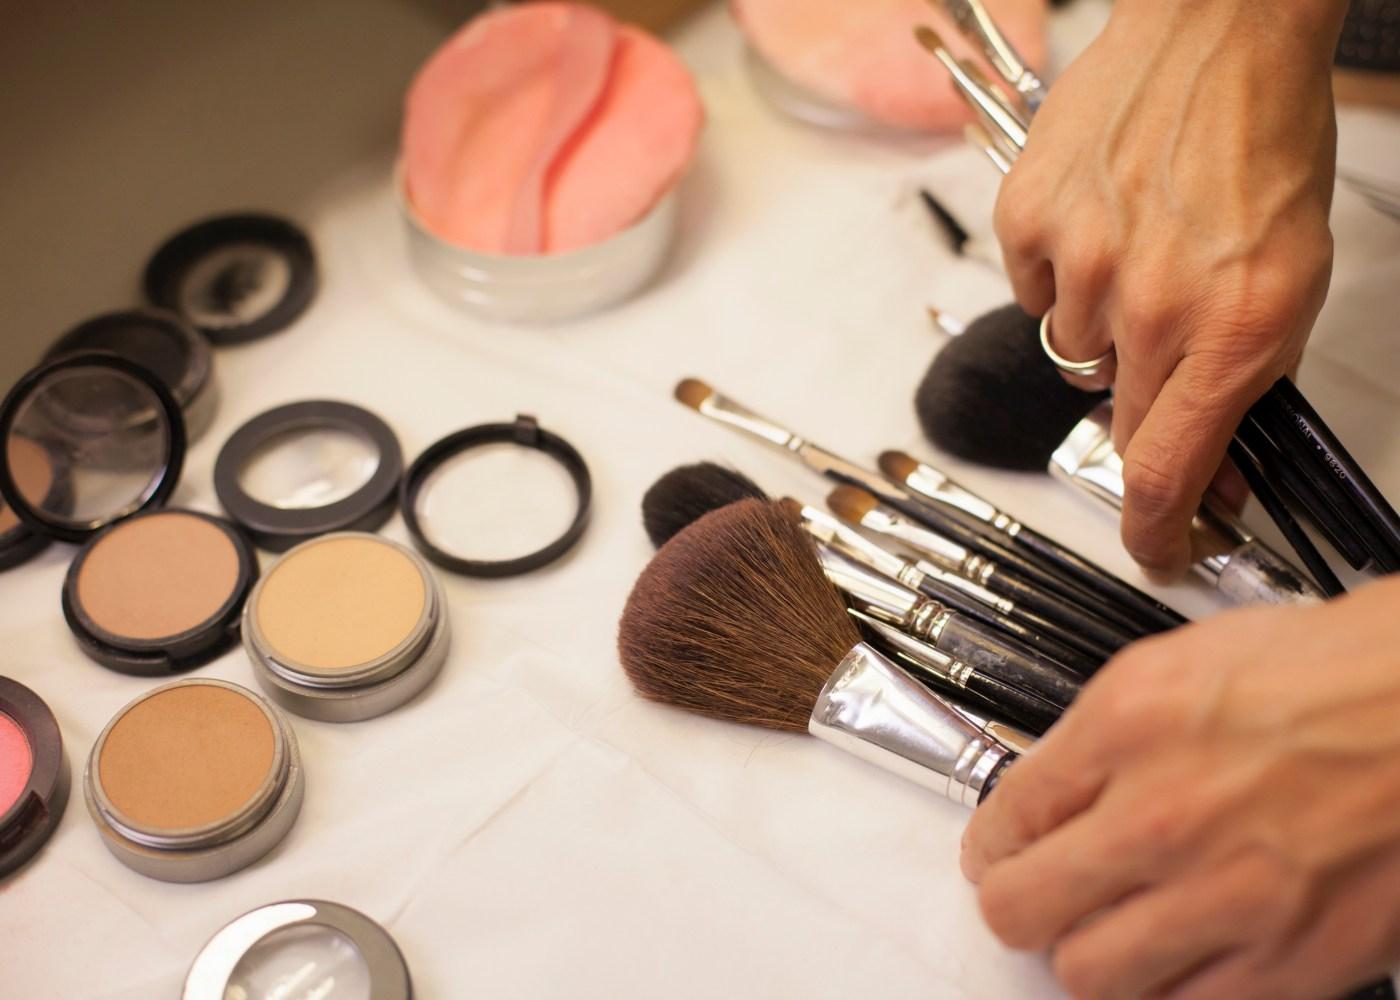 produtos de maquilhagem espalhados